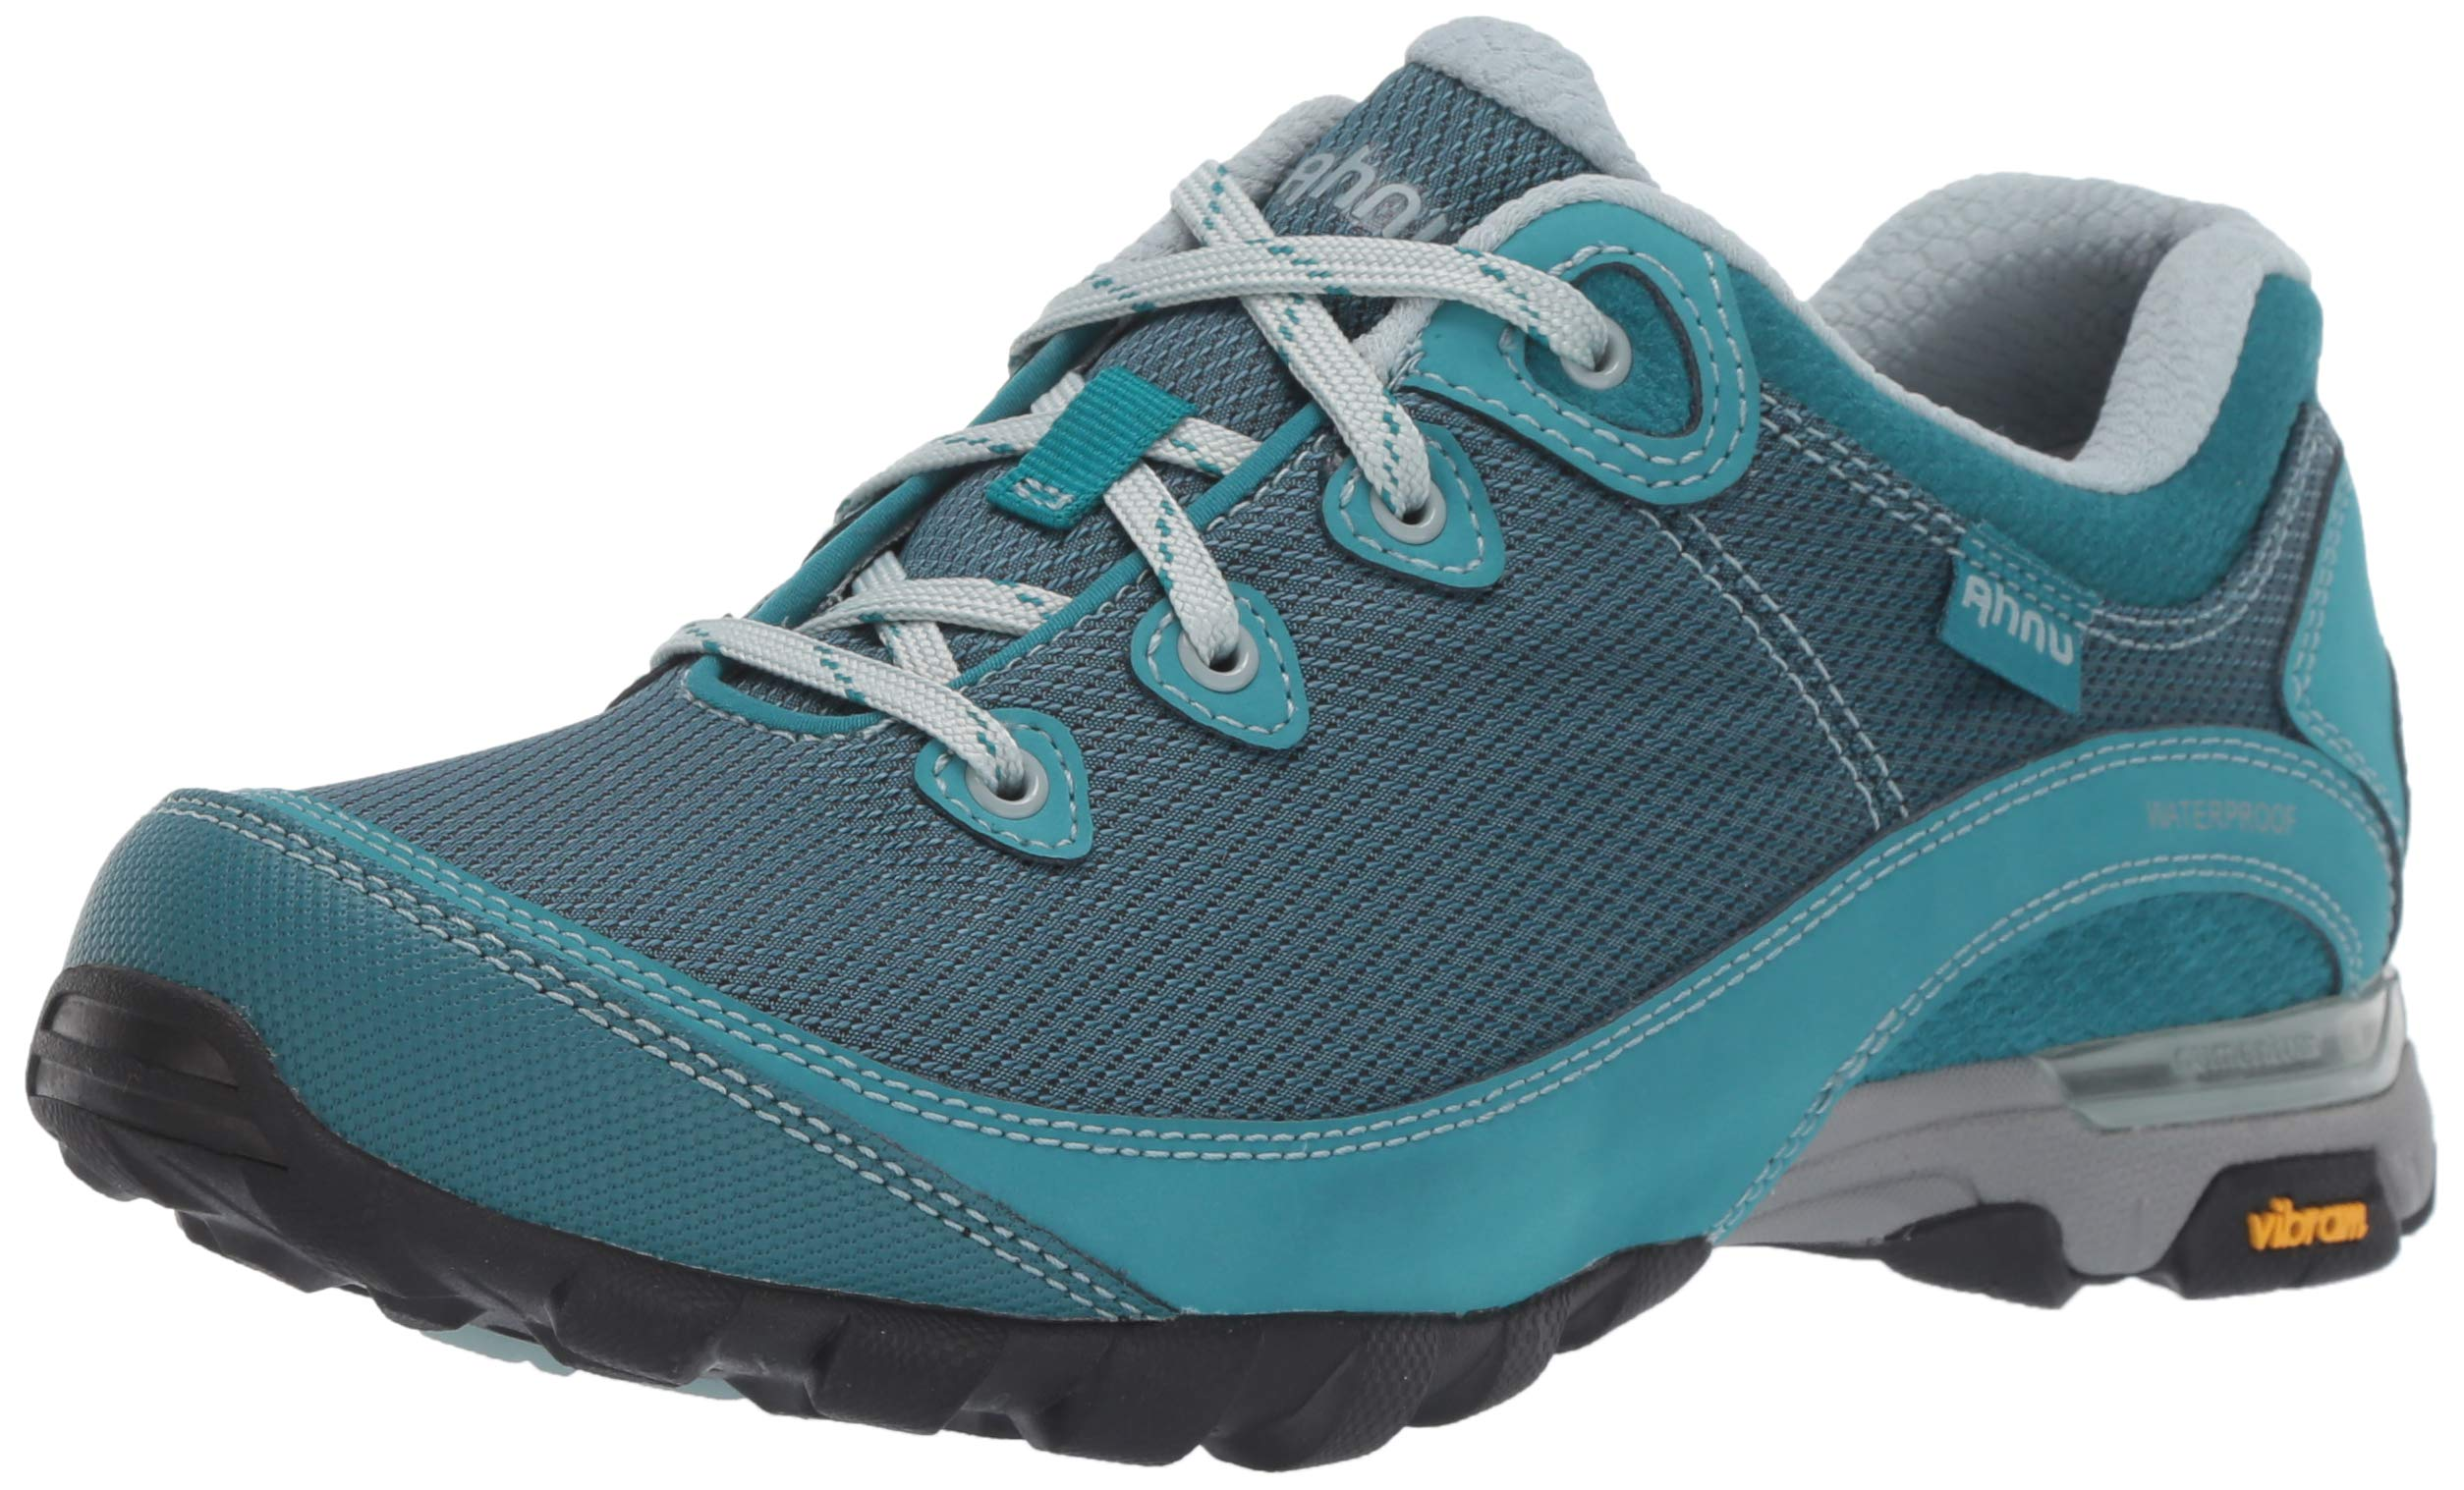 Ahnu Women's W Sugarpine II Waterproof Ripstop Hiking Shoe, Deep Lake, 11 Medium US by Ahnu